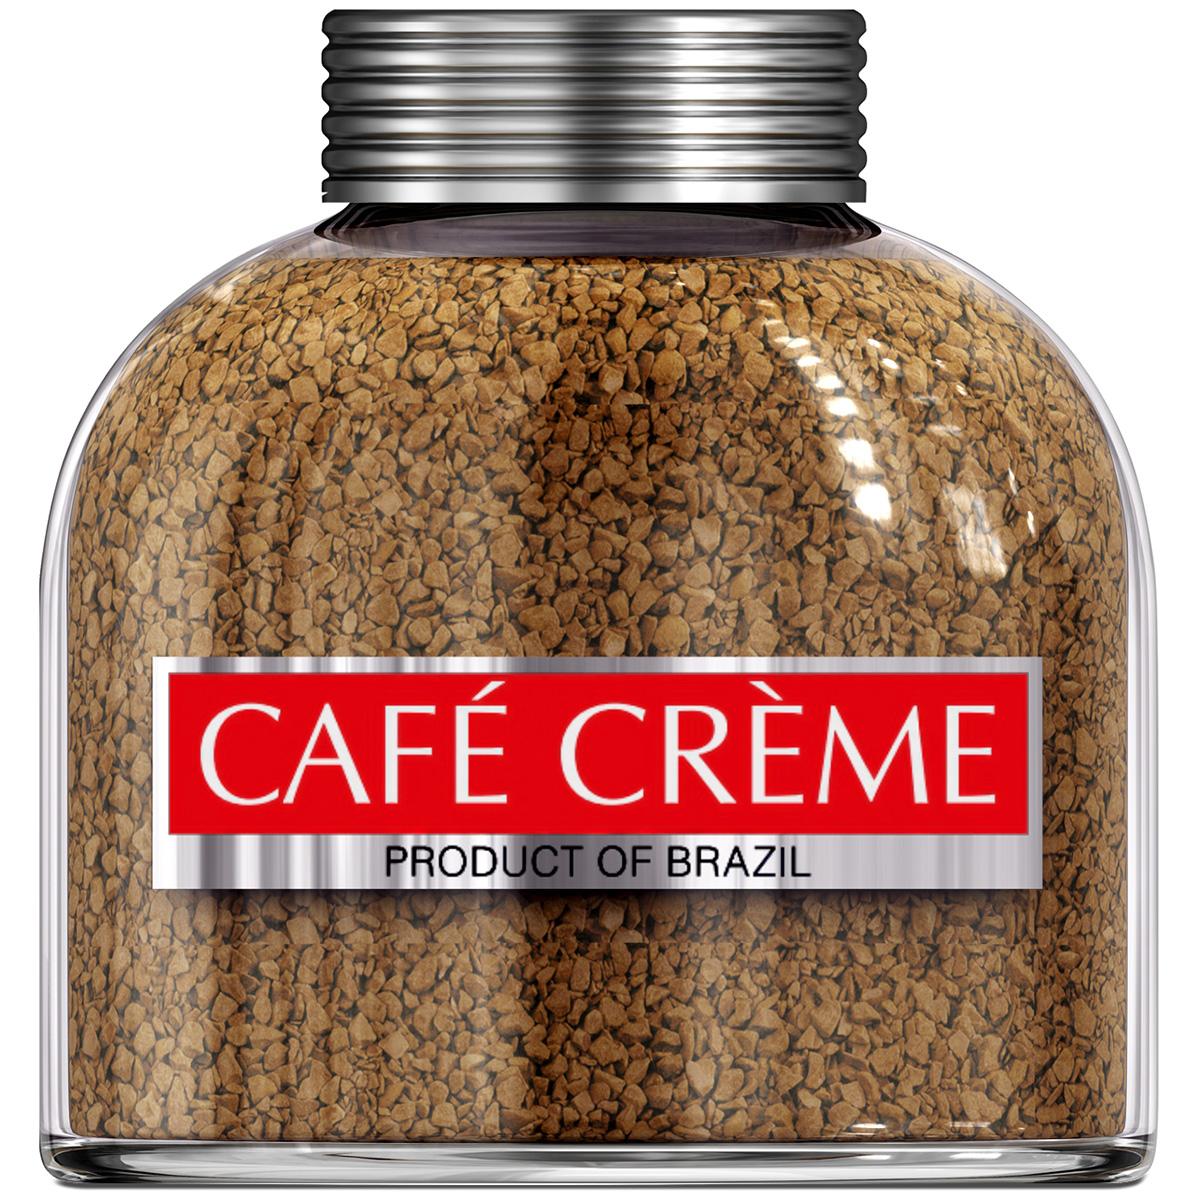 Cafe Creme Original кофе растворимый, 200 г4607141332180Cafe Creme Origina идеален для приготовления Кафе де манья- завтрака по-бразильски, состоящего из одной чашечки очень горячего и очень крепкого кофе. Добавив две чайные ложечки меда и лимонный сок по вкусу, и можно наслаждаться легендарным напитком здоровья и долголетия, укрепляющим иммунитет. Именно его употребляют в течение дня жители Эспирито-Санто, горной местности на юго -востоке Бразилии, где произрастает один из лучших сортов бразильской арабики.